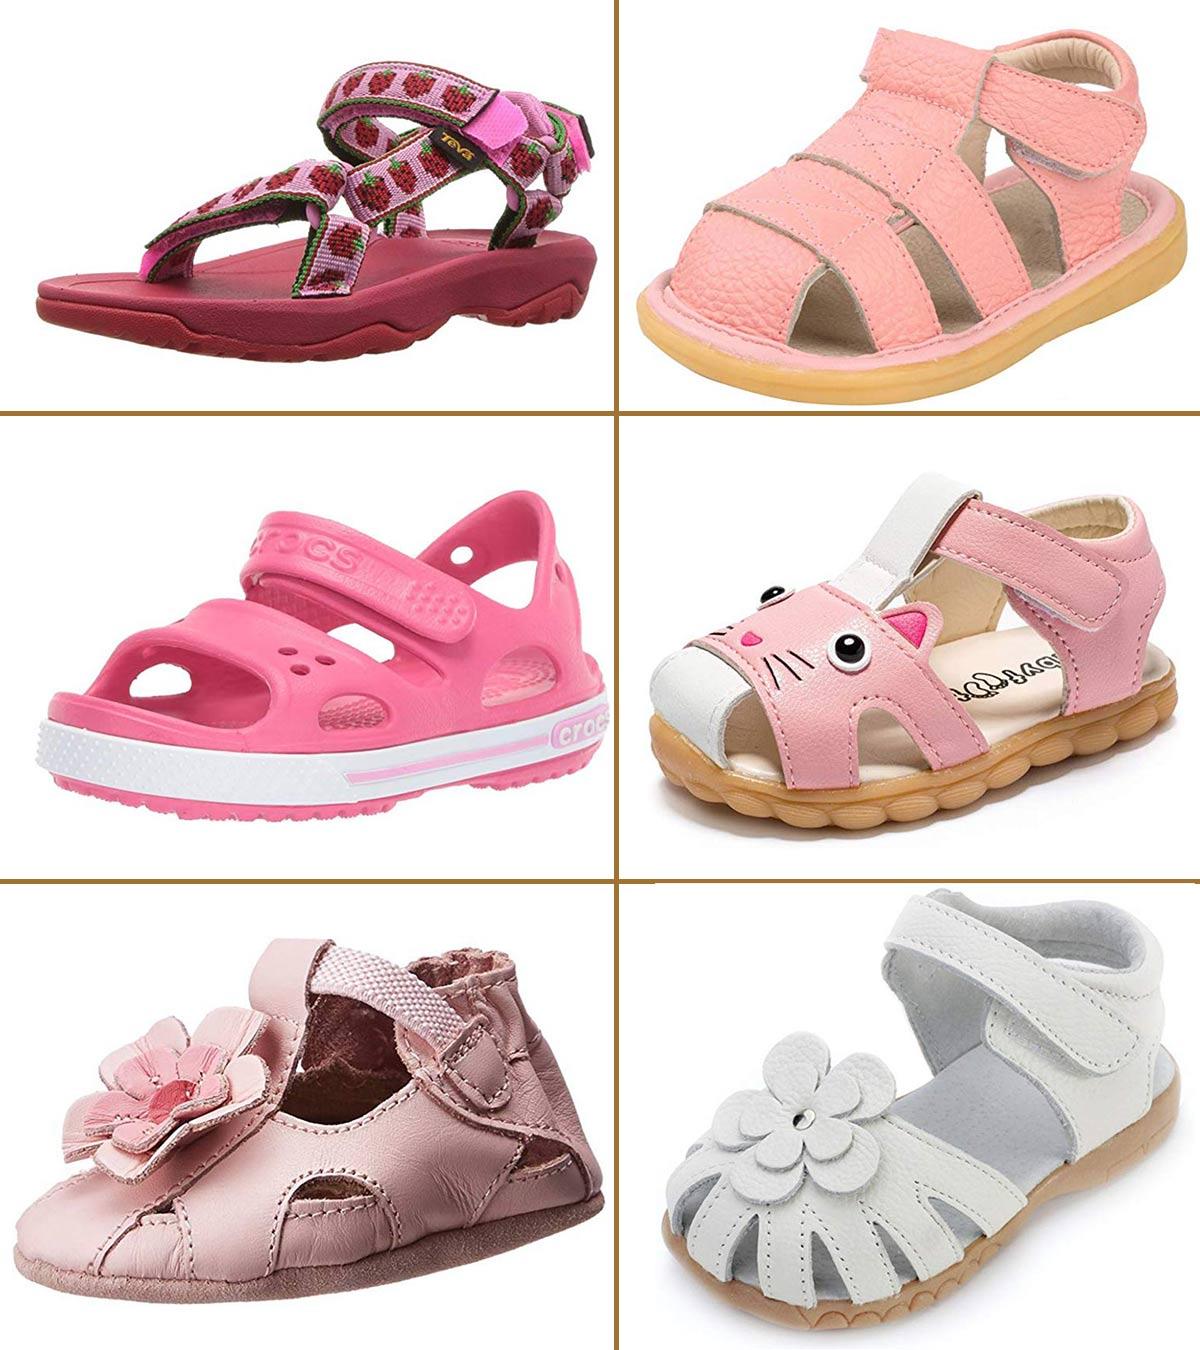 11 Best Girls' Sandals To Buy In 2020